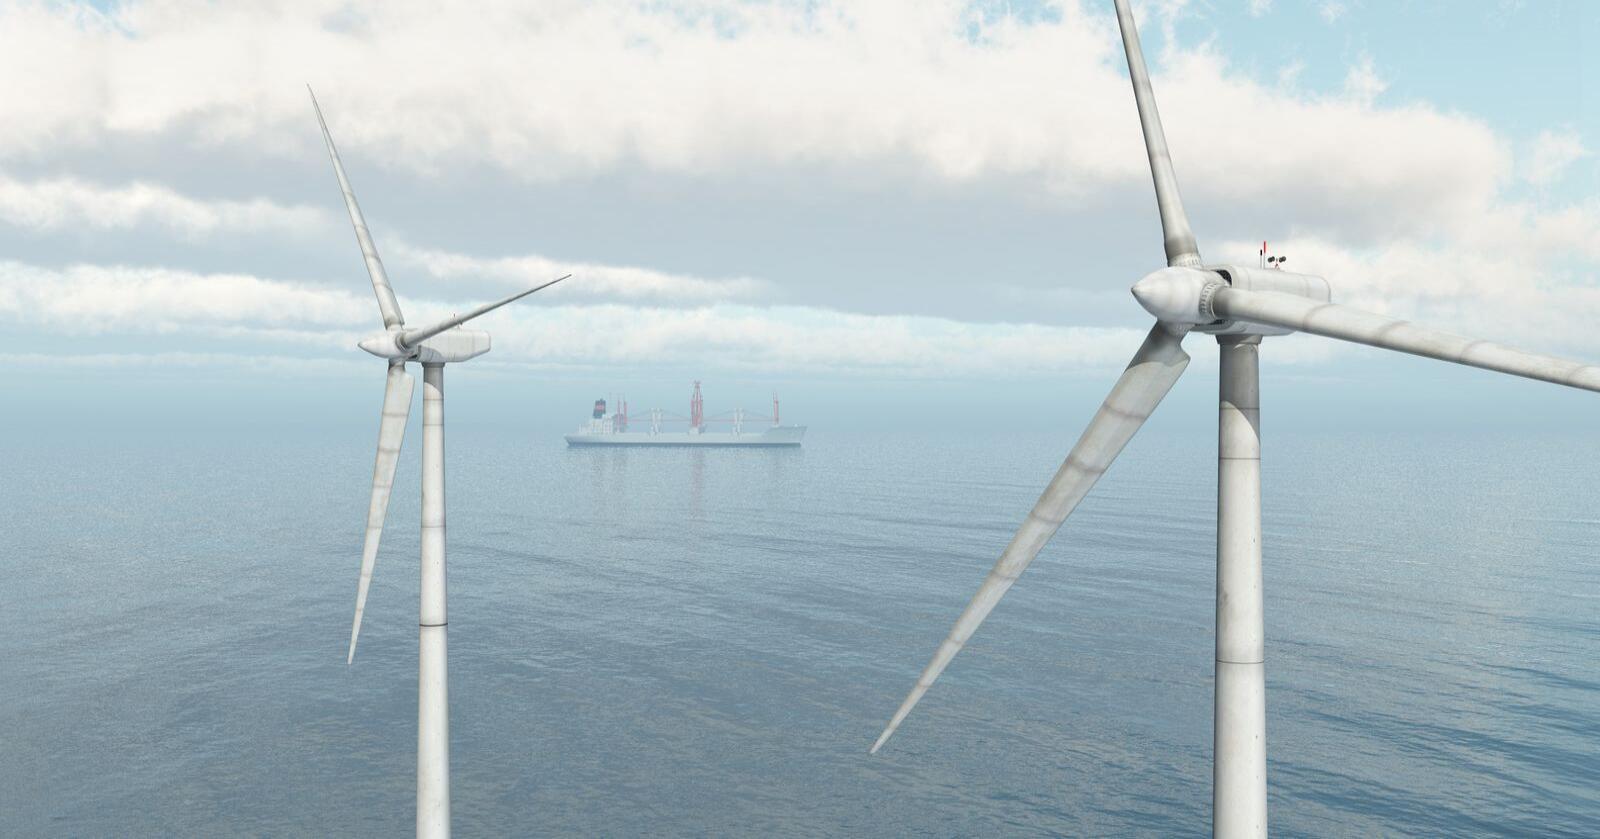 Eksportvare: Med havvindteknologi kan norsk leverandørindustri få en ny grønn eksportvare, skriver forfatterne av innlegget. Foto: Mostphotos